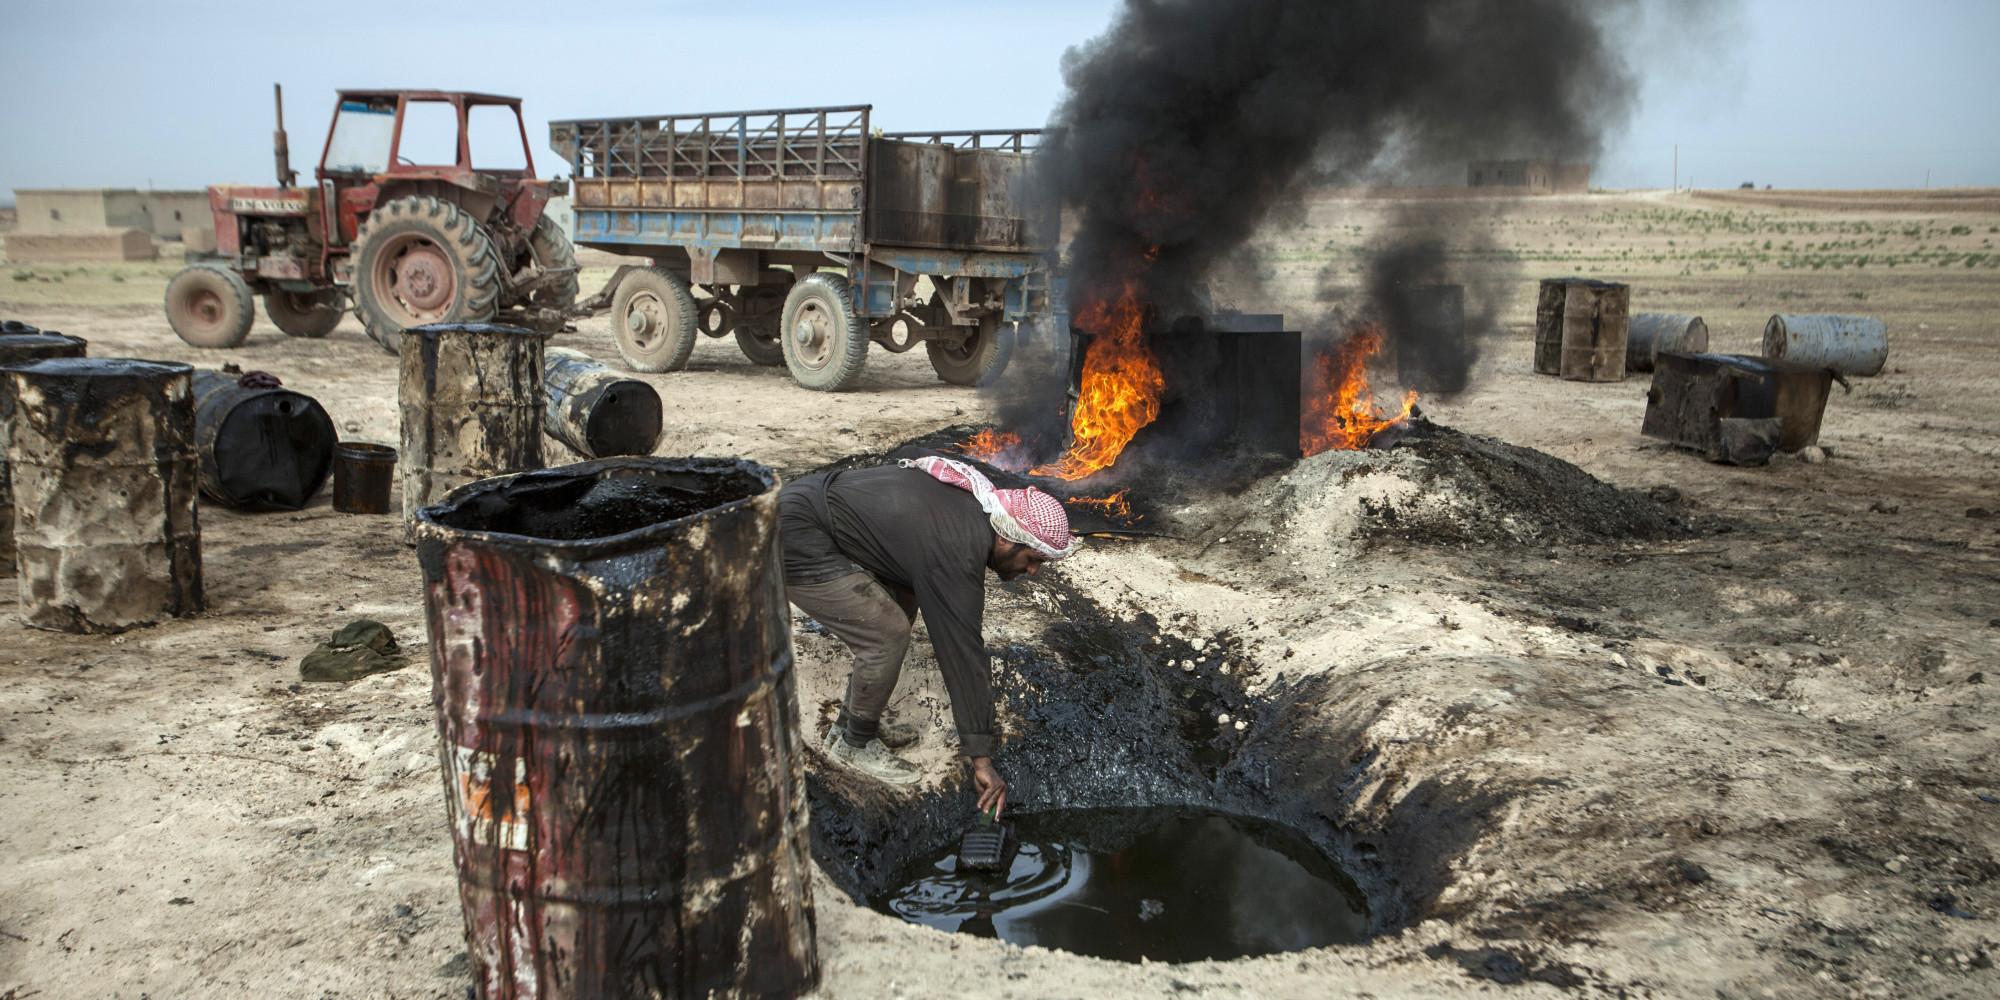 Сирийский конфликт: боевики нарываются на экономическую блокаду